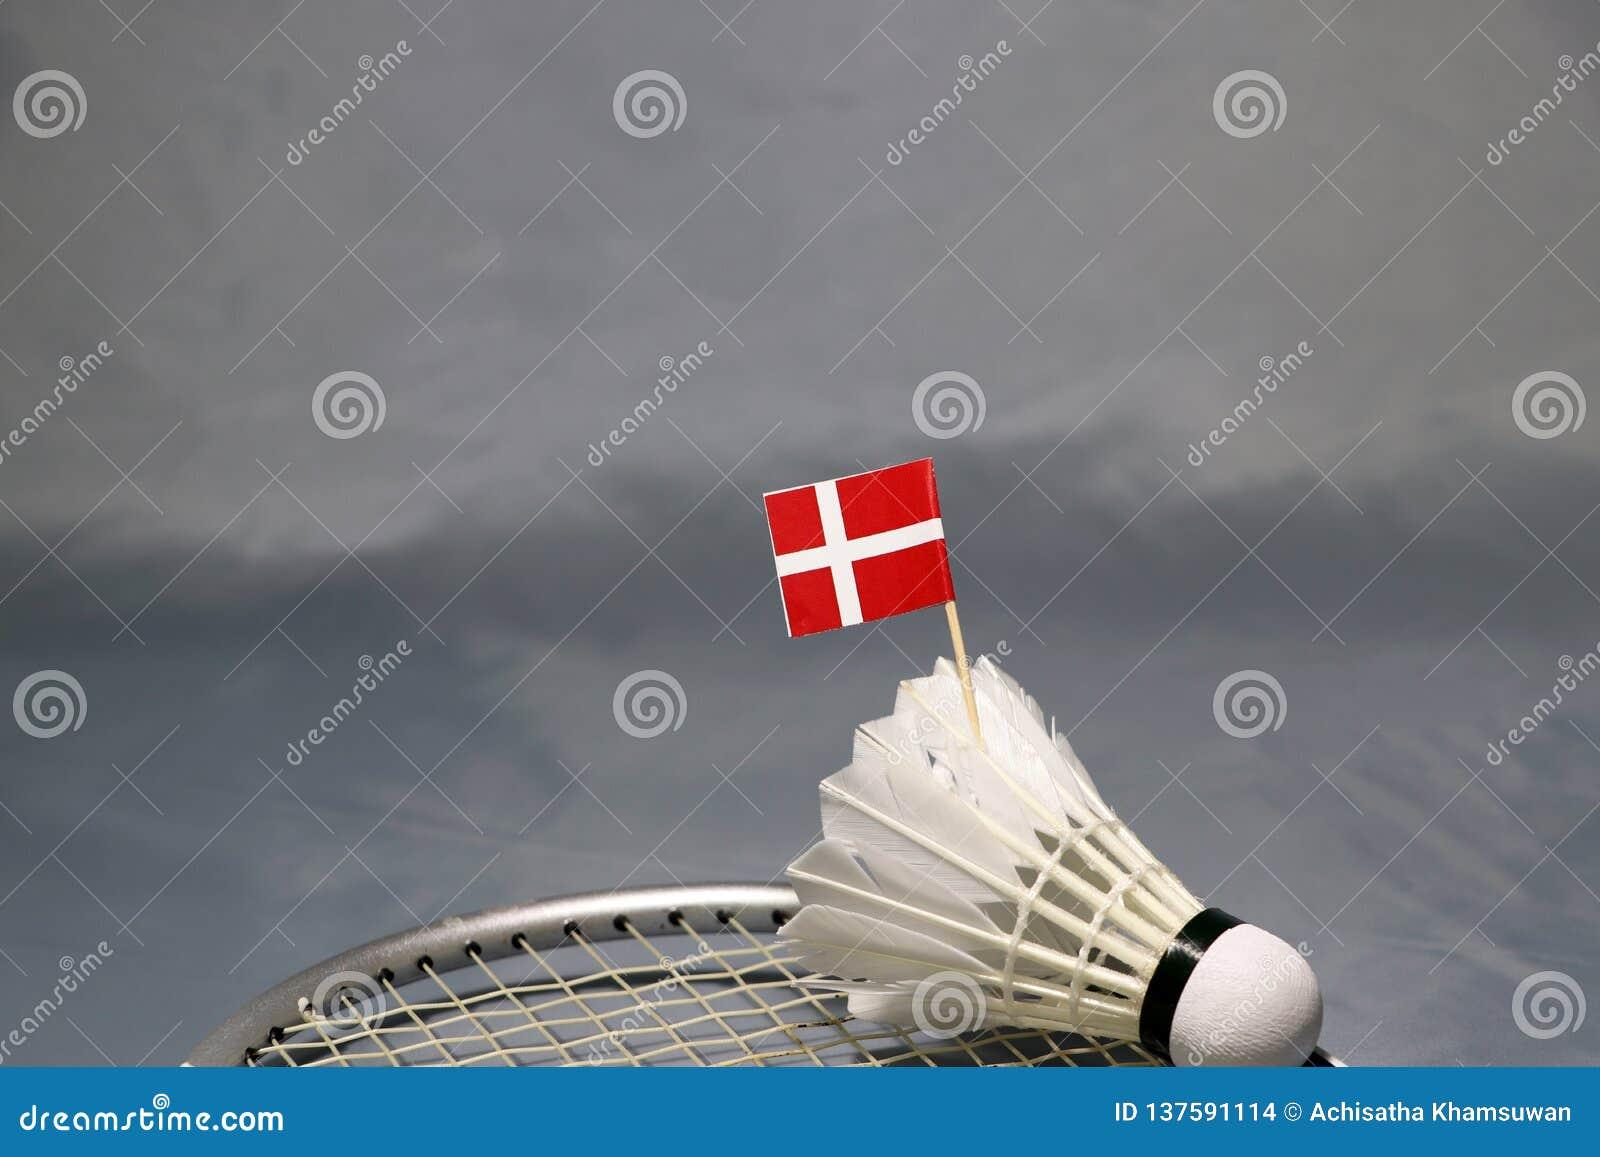 Vara da bandeira de Mini Denmark na peteca posta sobre a rede da raquete de badminton no assoalho cinzento